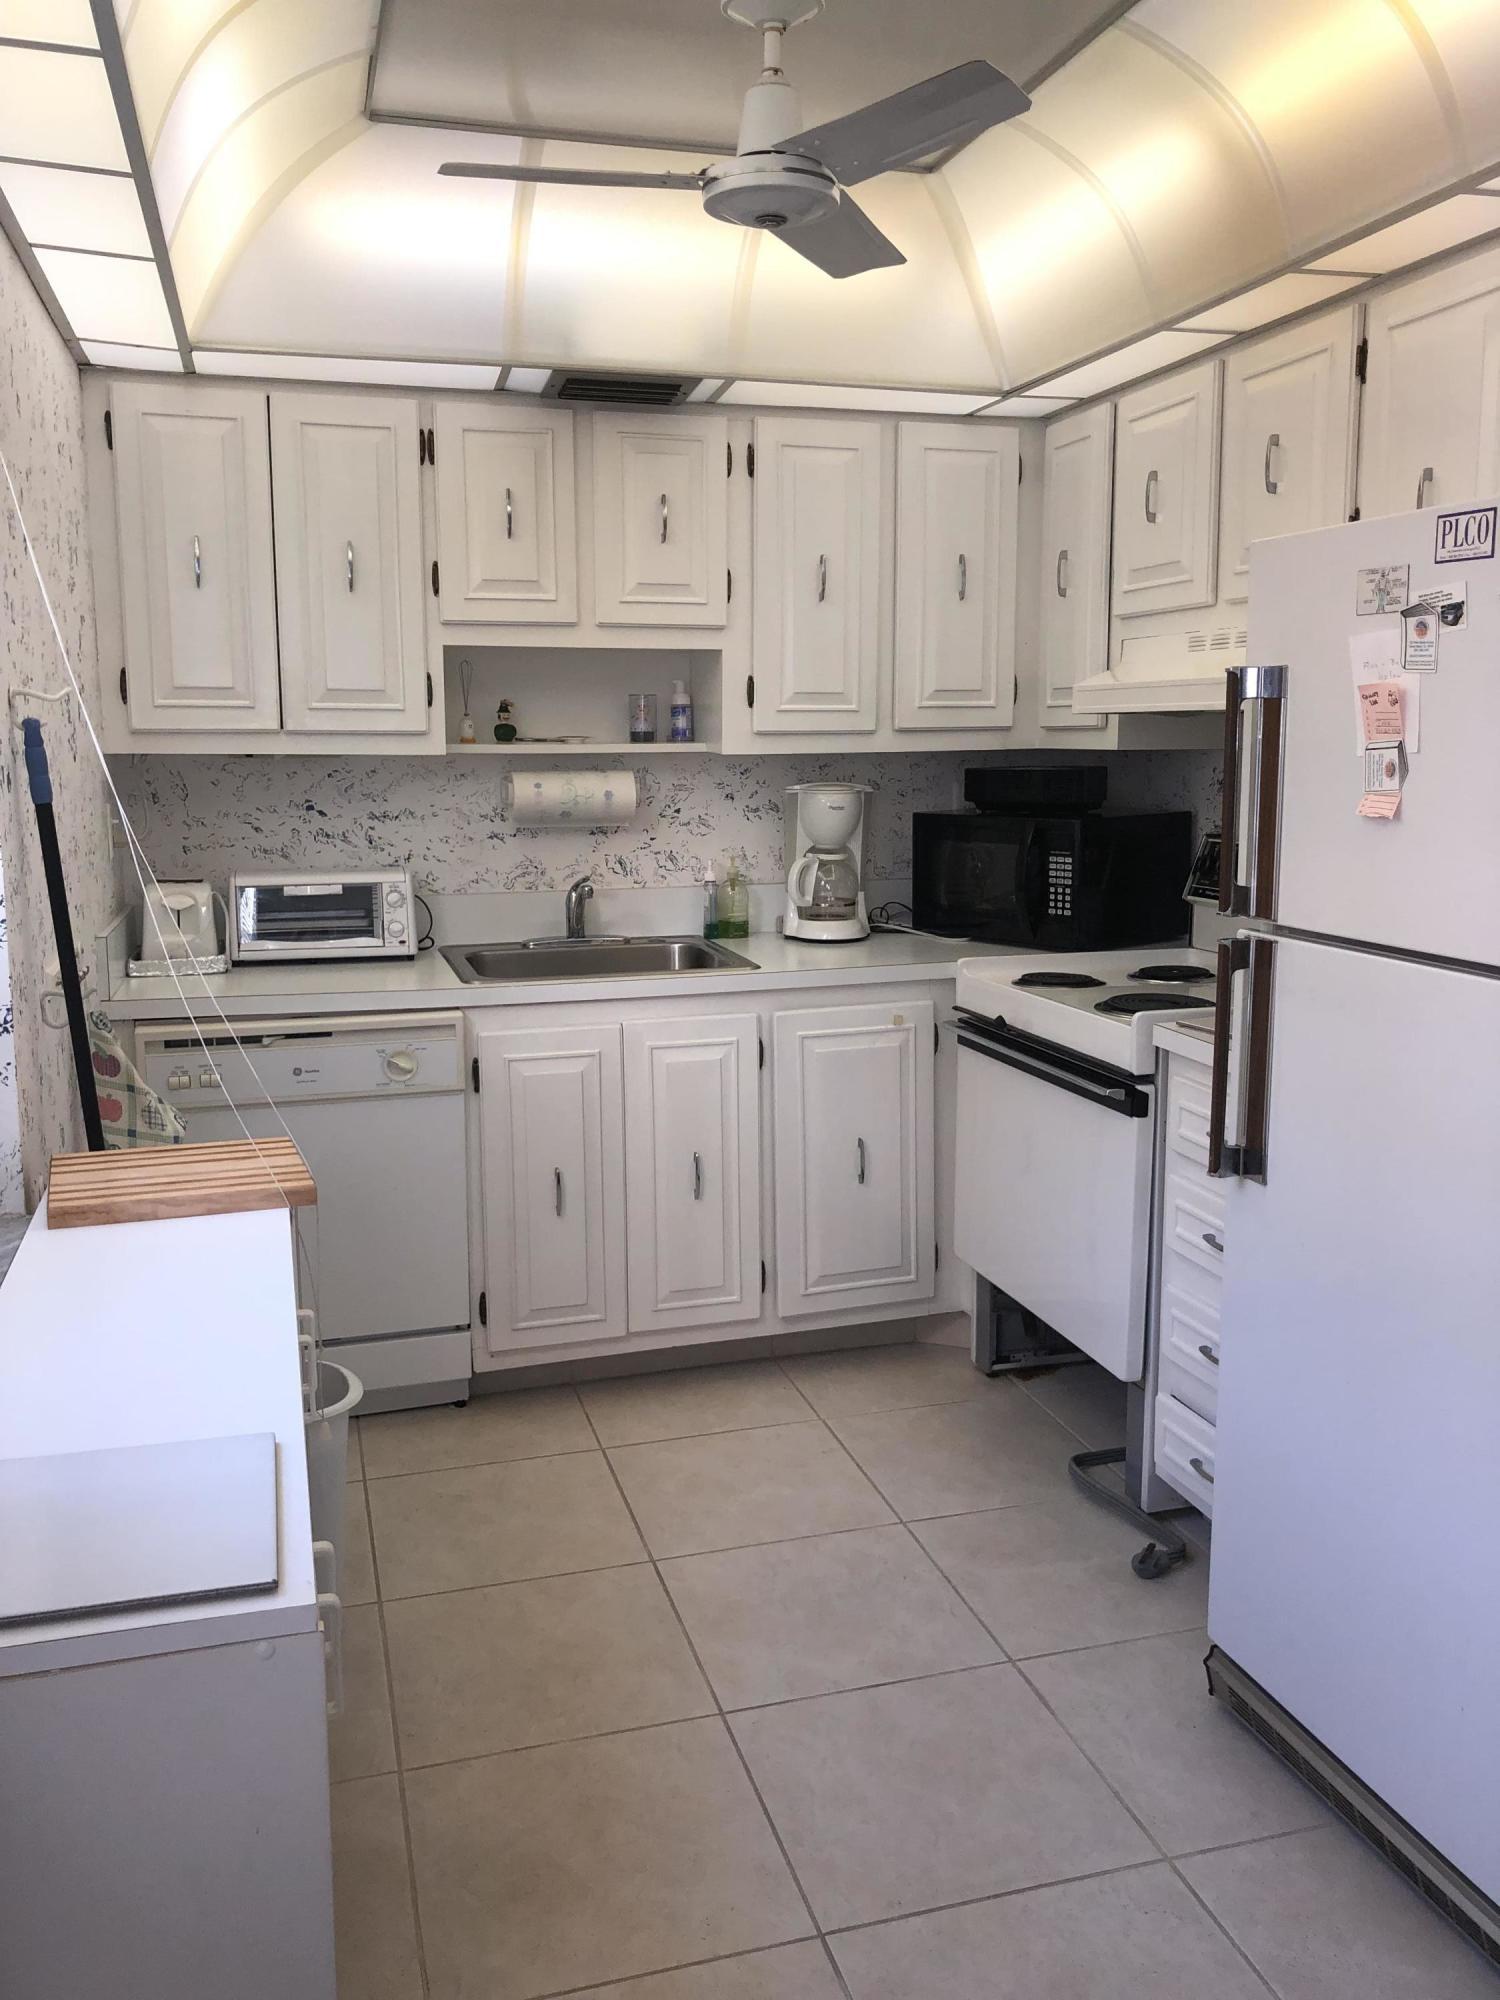 309 Monaco G- Delray Beach- Florida 33446, 2 Bedrooms Bedrooms, ,2 BathroomsBathrooms,Condo/Coop,For Rent,Monaco G,1,RX-10497177